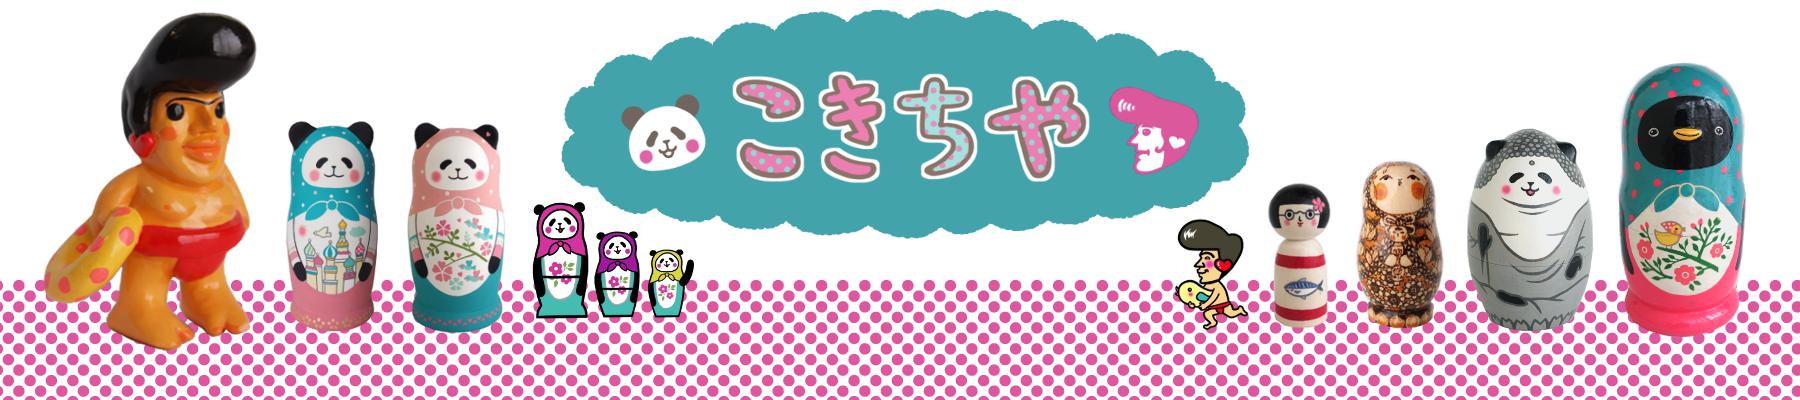 姉妹雑貨ユニット「こきちや」オンラインショップ★ オリジナルのマトリョーシカやこけし、パンダマトリョミン、イラストグッズ